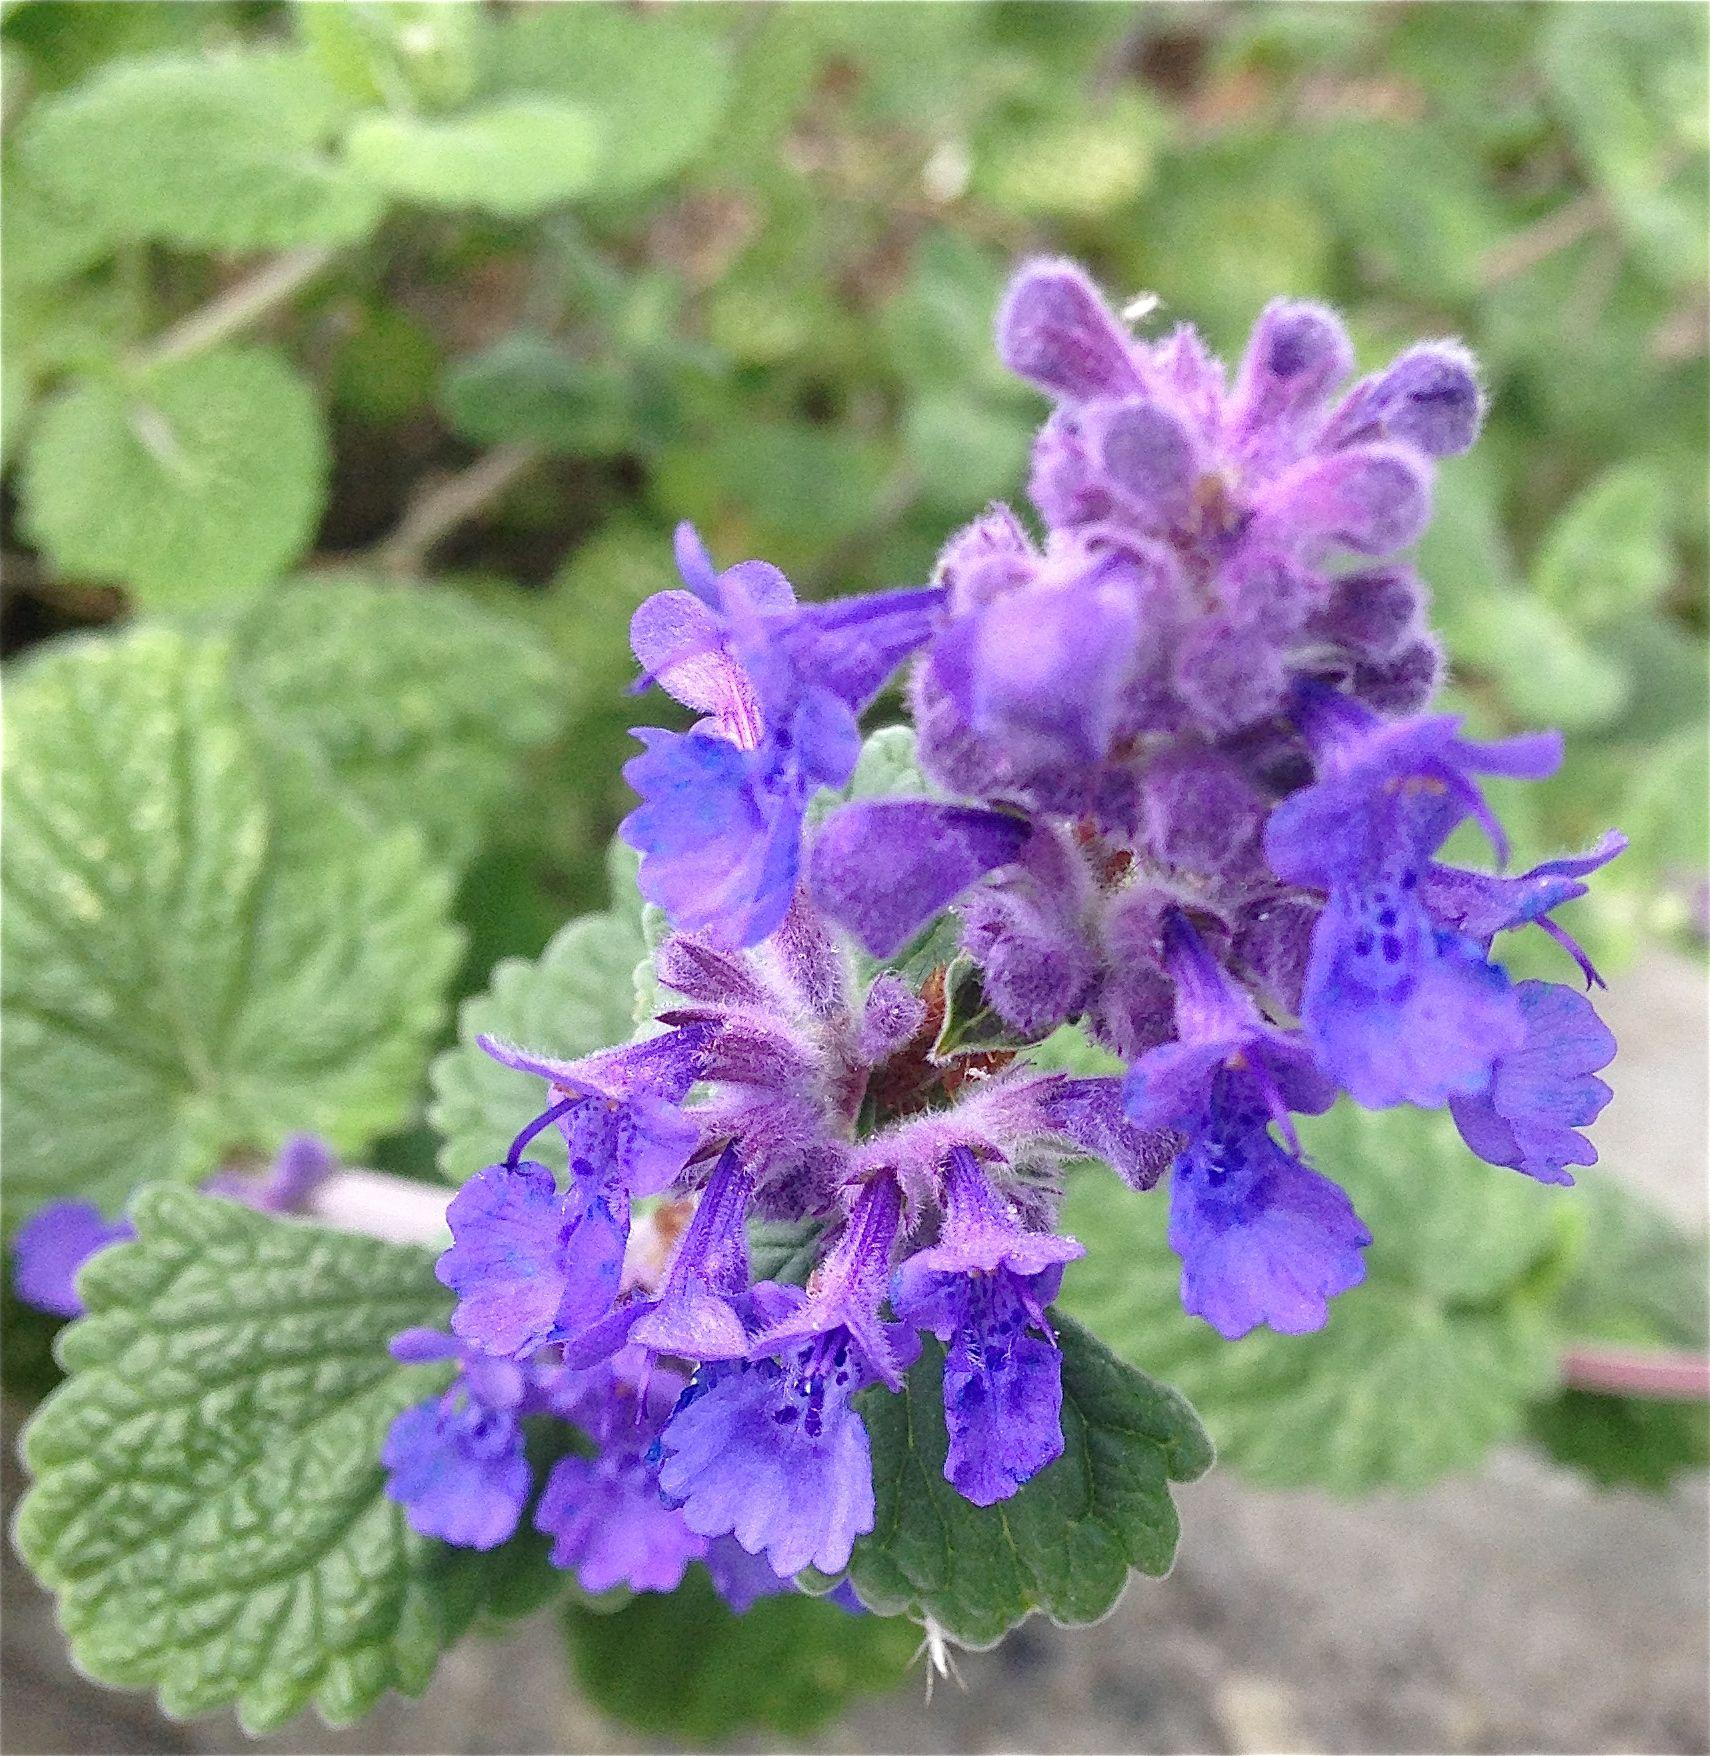 Blå kattemynte - Rambo og de andre nabokattene liker denne godt, men den er også flott om bunndekker i rosebedet :) / Blue catnip - Nepeta cataria - The cats like to eat this, but the flowers are beautiful - for example with roses :) 17.5.14 /IJ